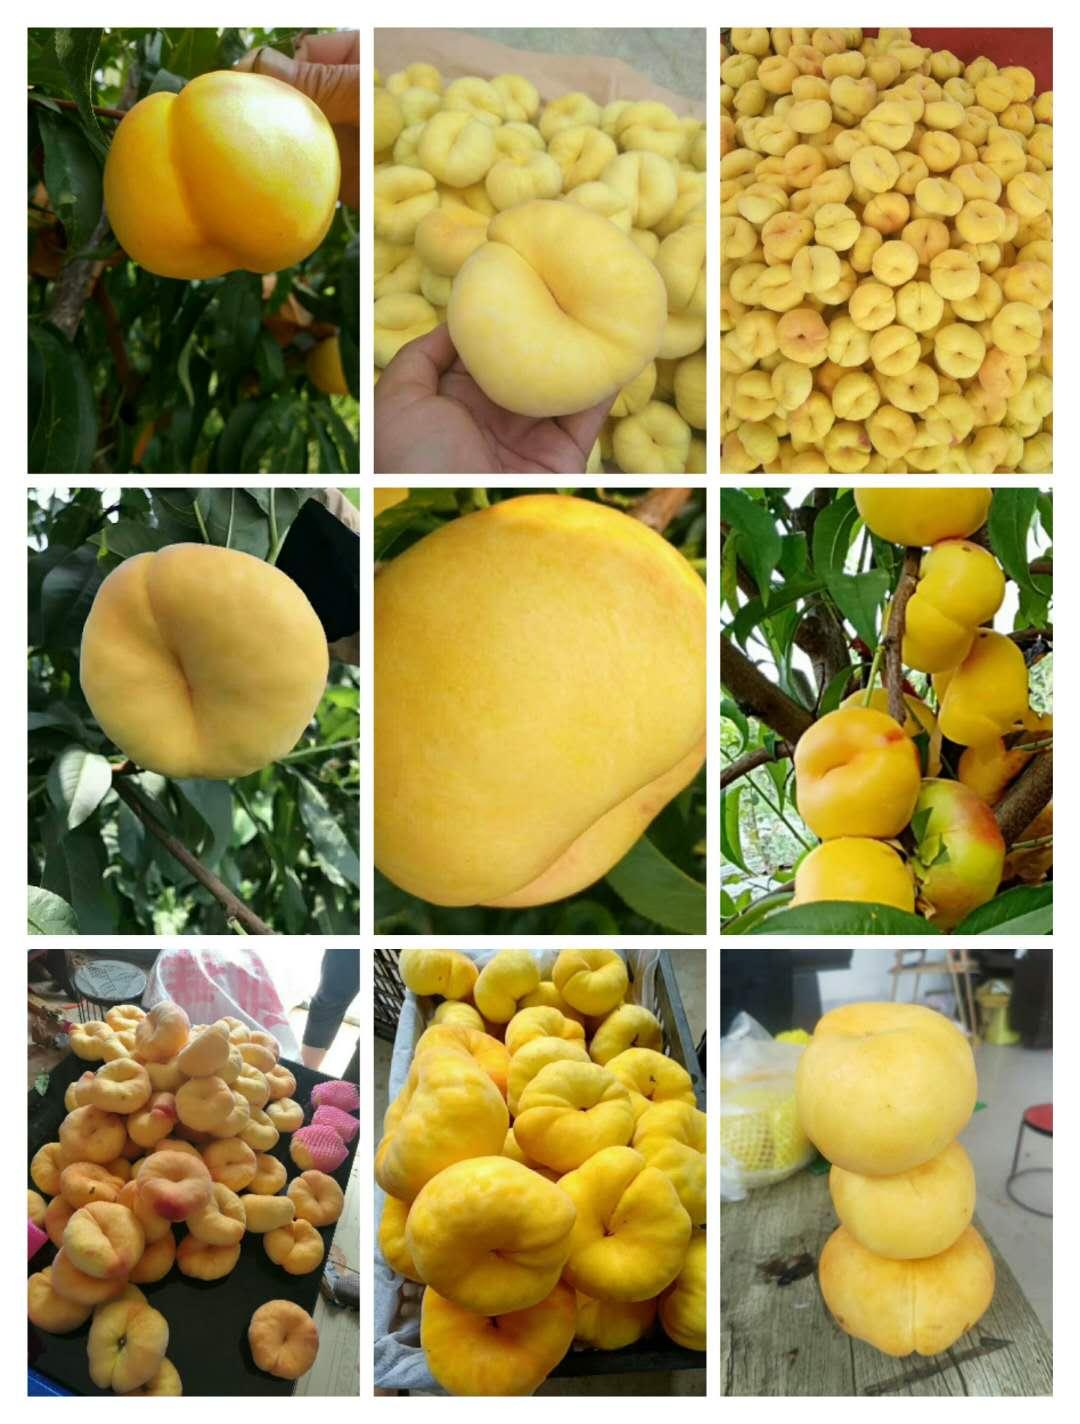 宿松县黄油桃的营养价值专业供应商